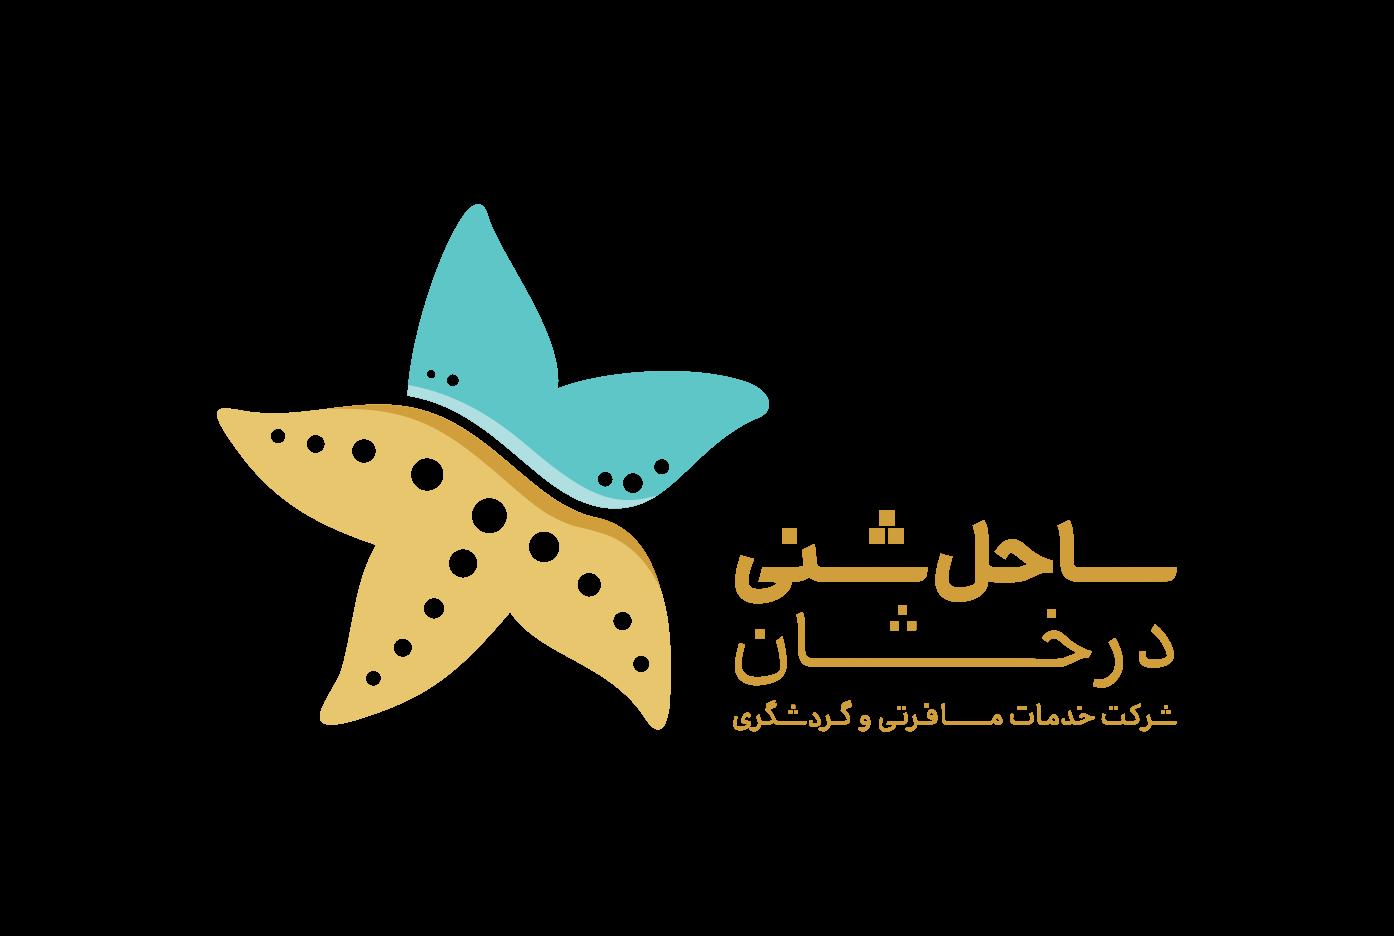 Sahel Sheni Derakhashan